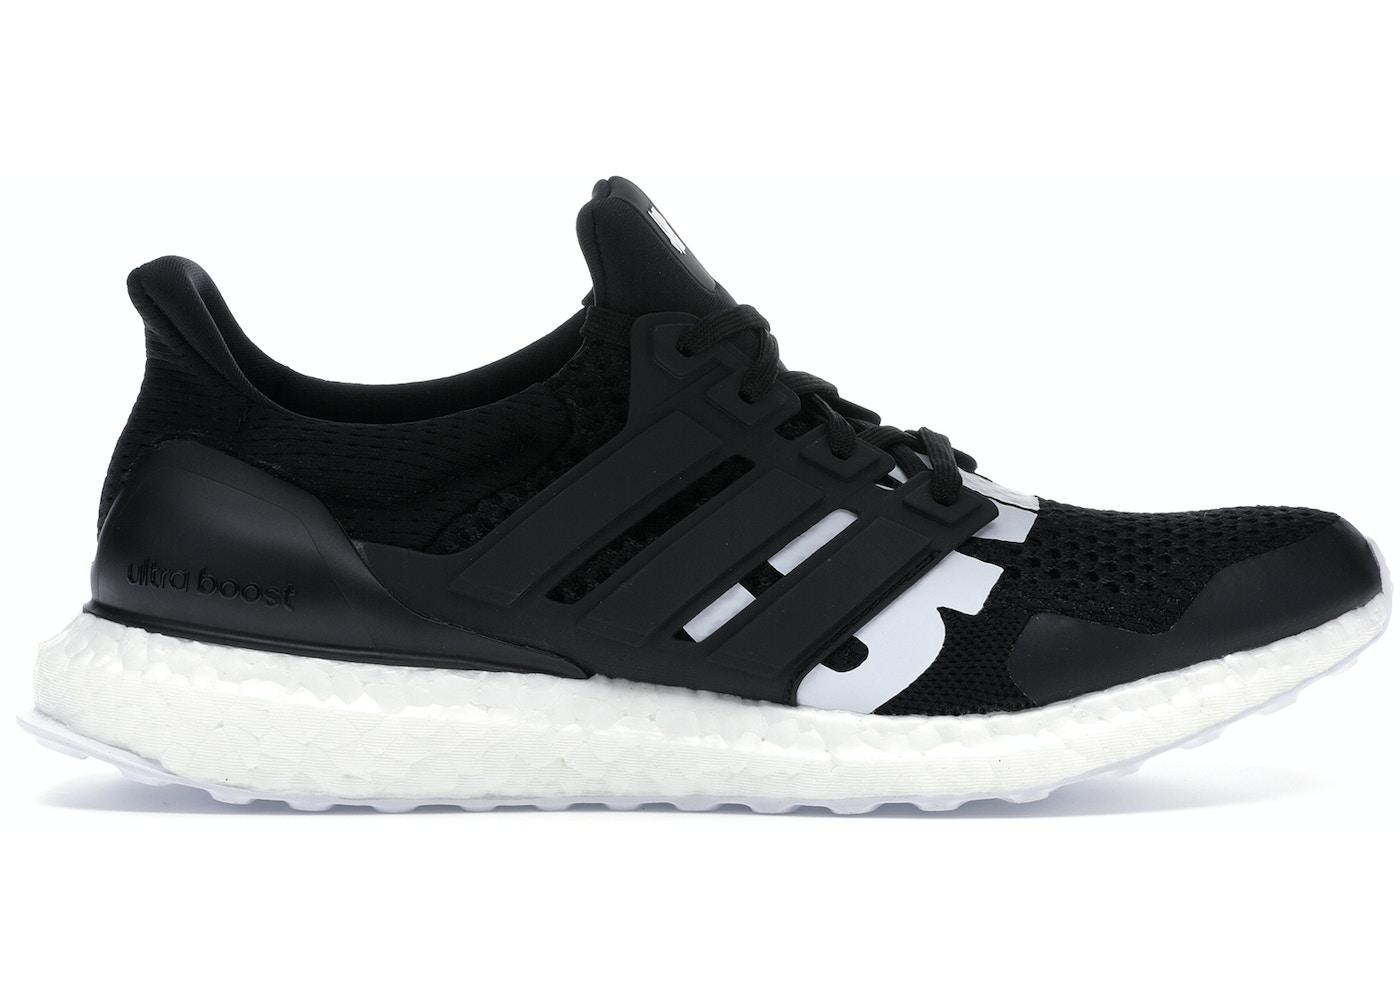 buy online e1309 a499b adidas Ultra Boost 1.0 UNDFTD Black